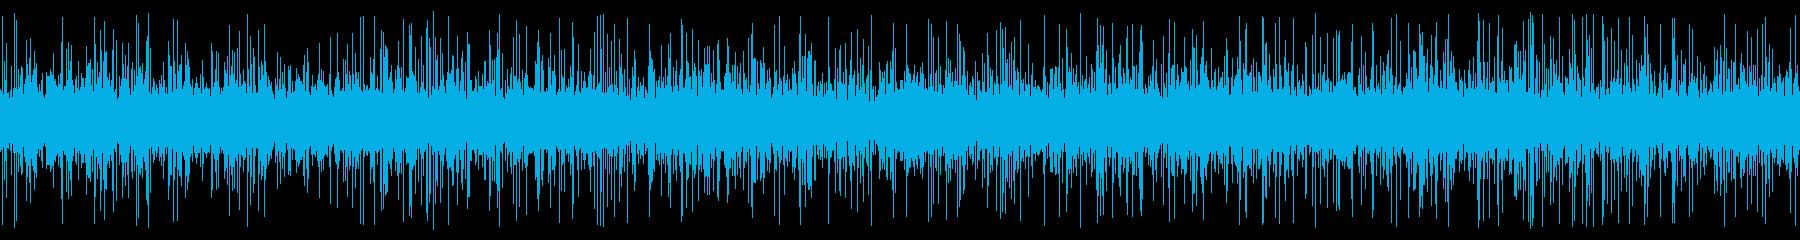 用水路の水音と虫の鳴き声 9月 ループの再生済みの波形